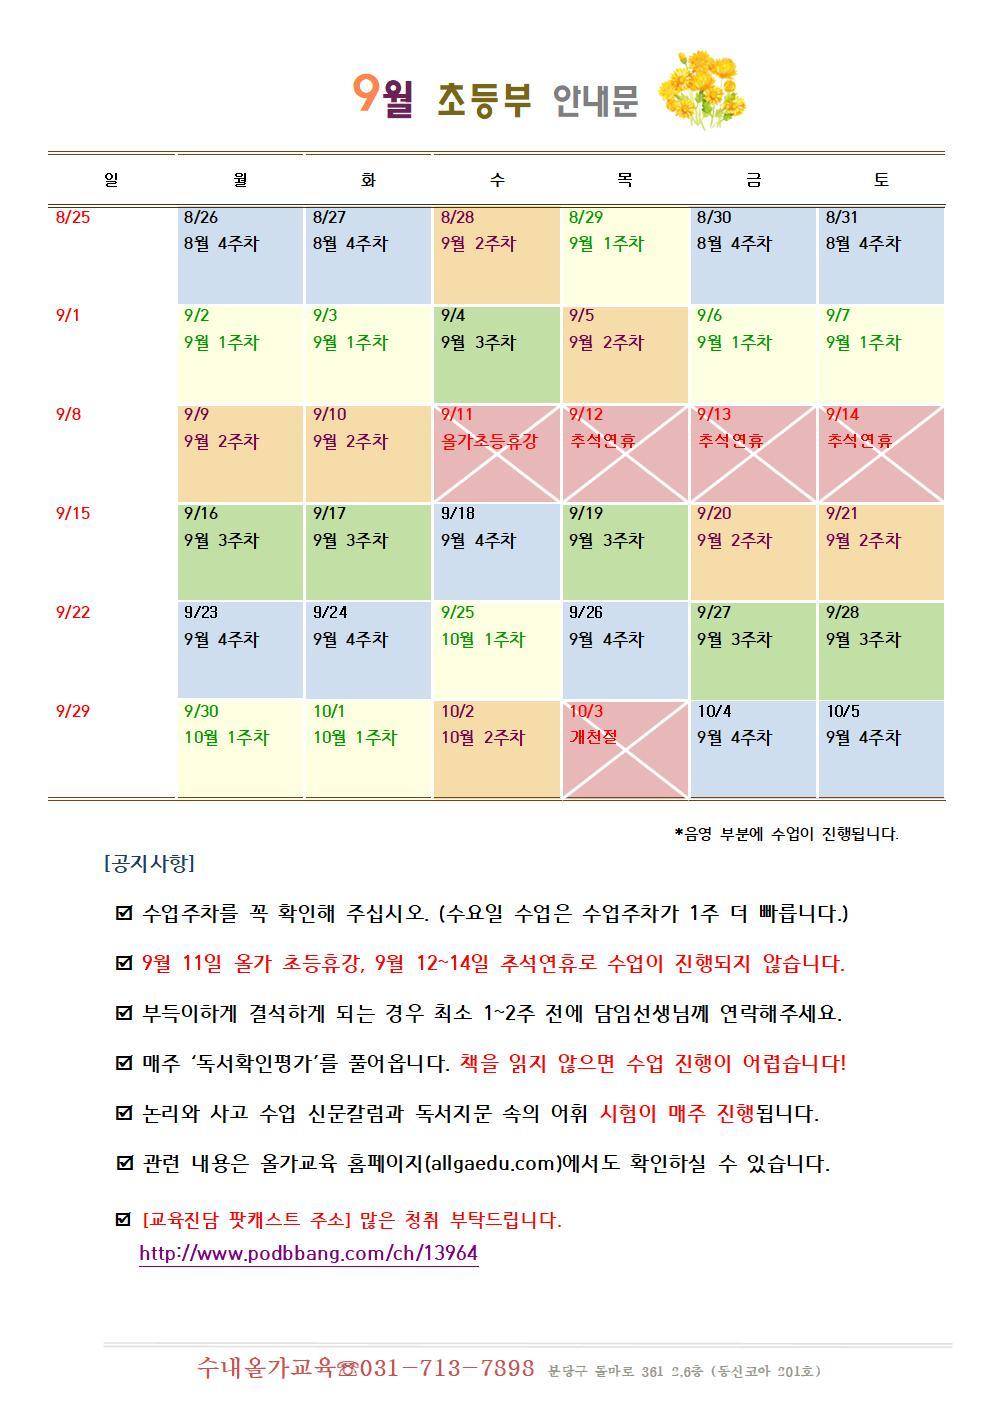 9월 이달의 소식_수내 수정본001.jpg